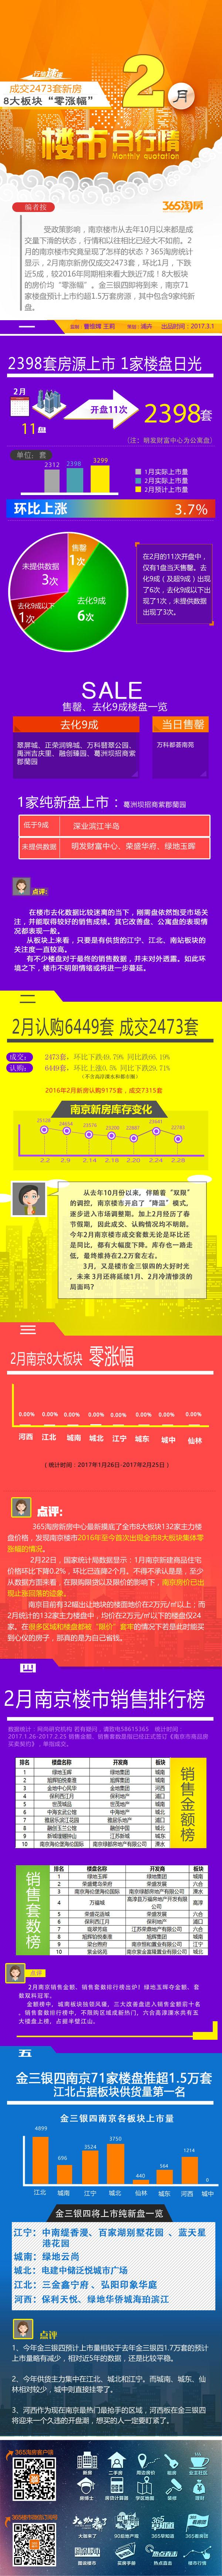 2月南京新房仅成交2473套,环比1月,下跌近5成,较2016年同期相来看大跌近7成